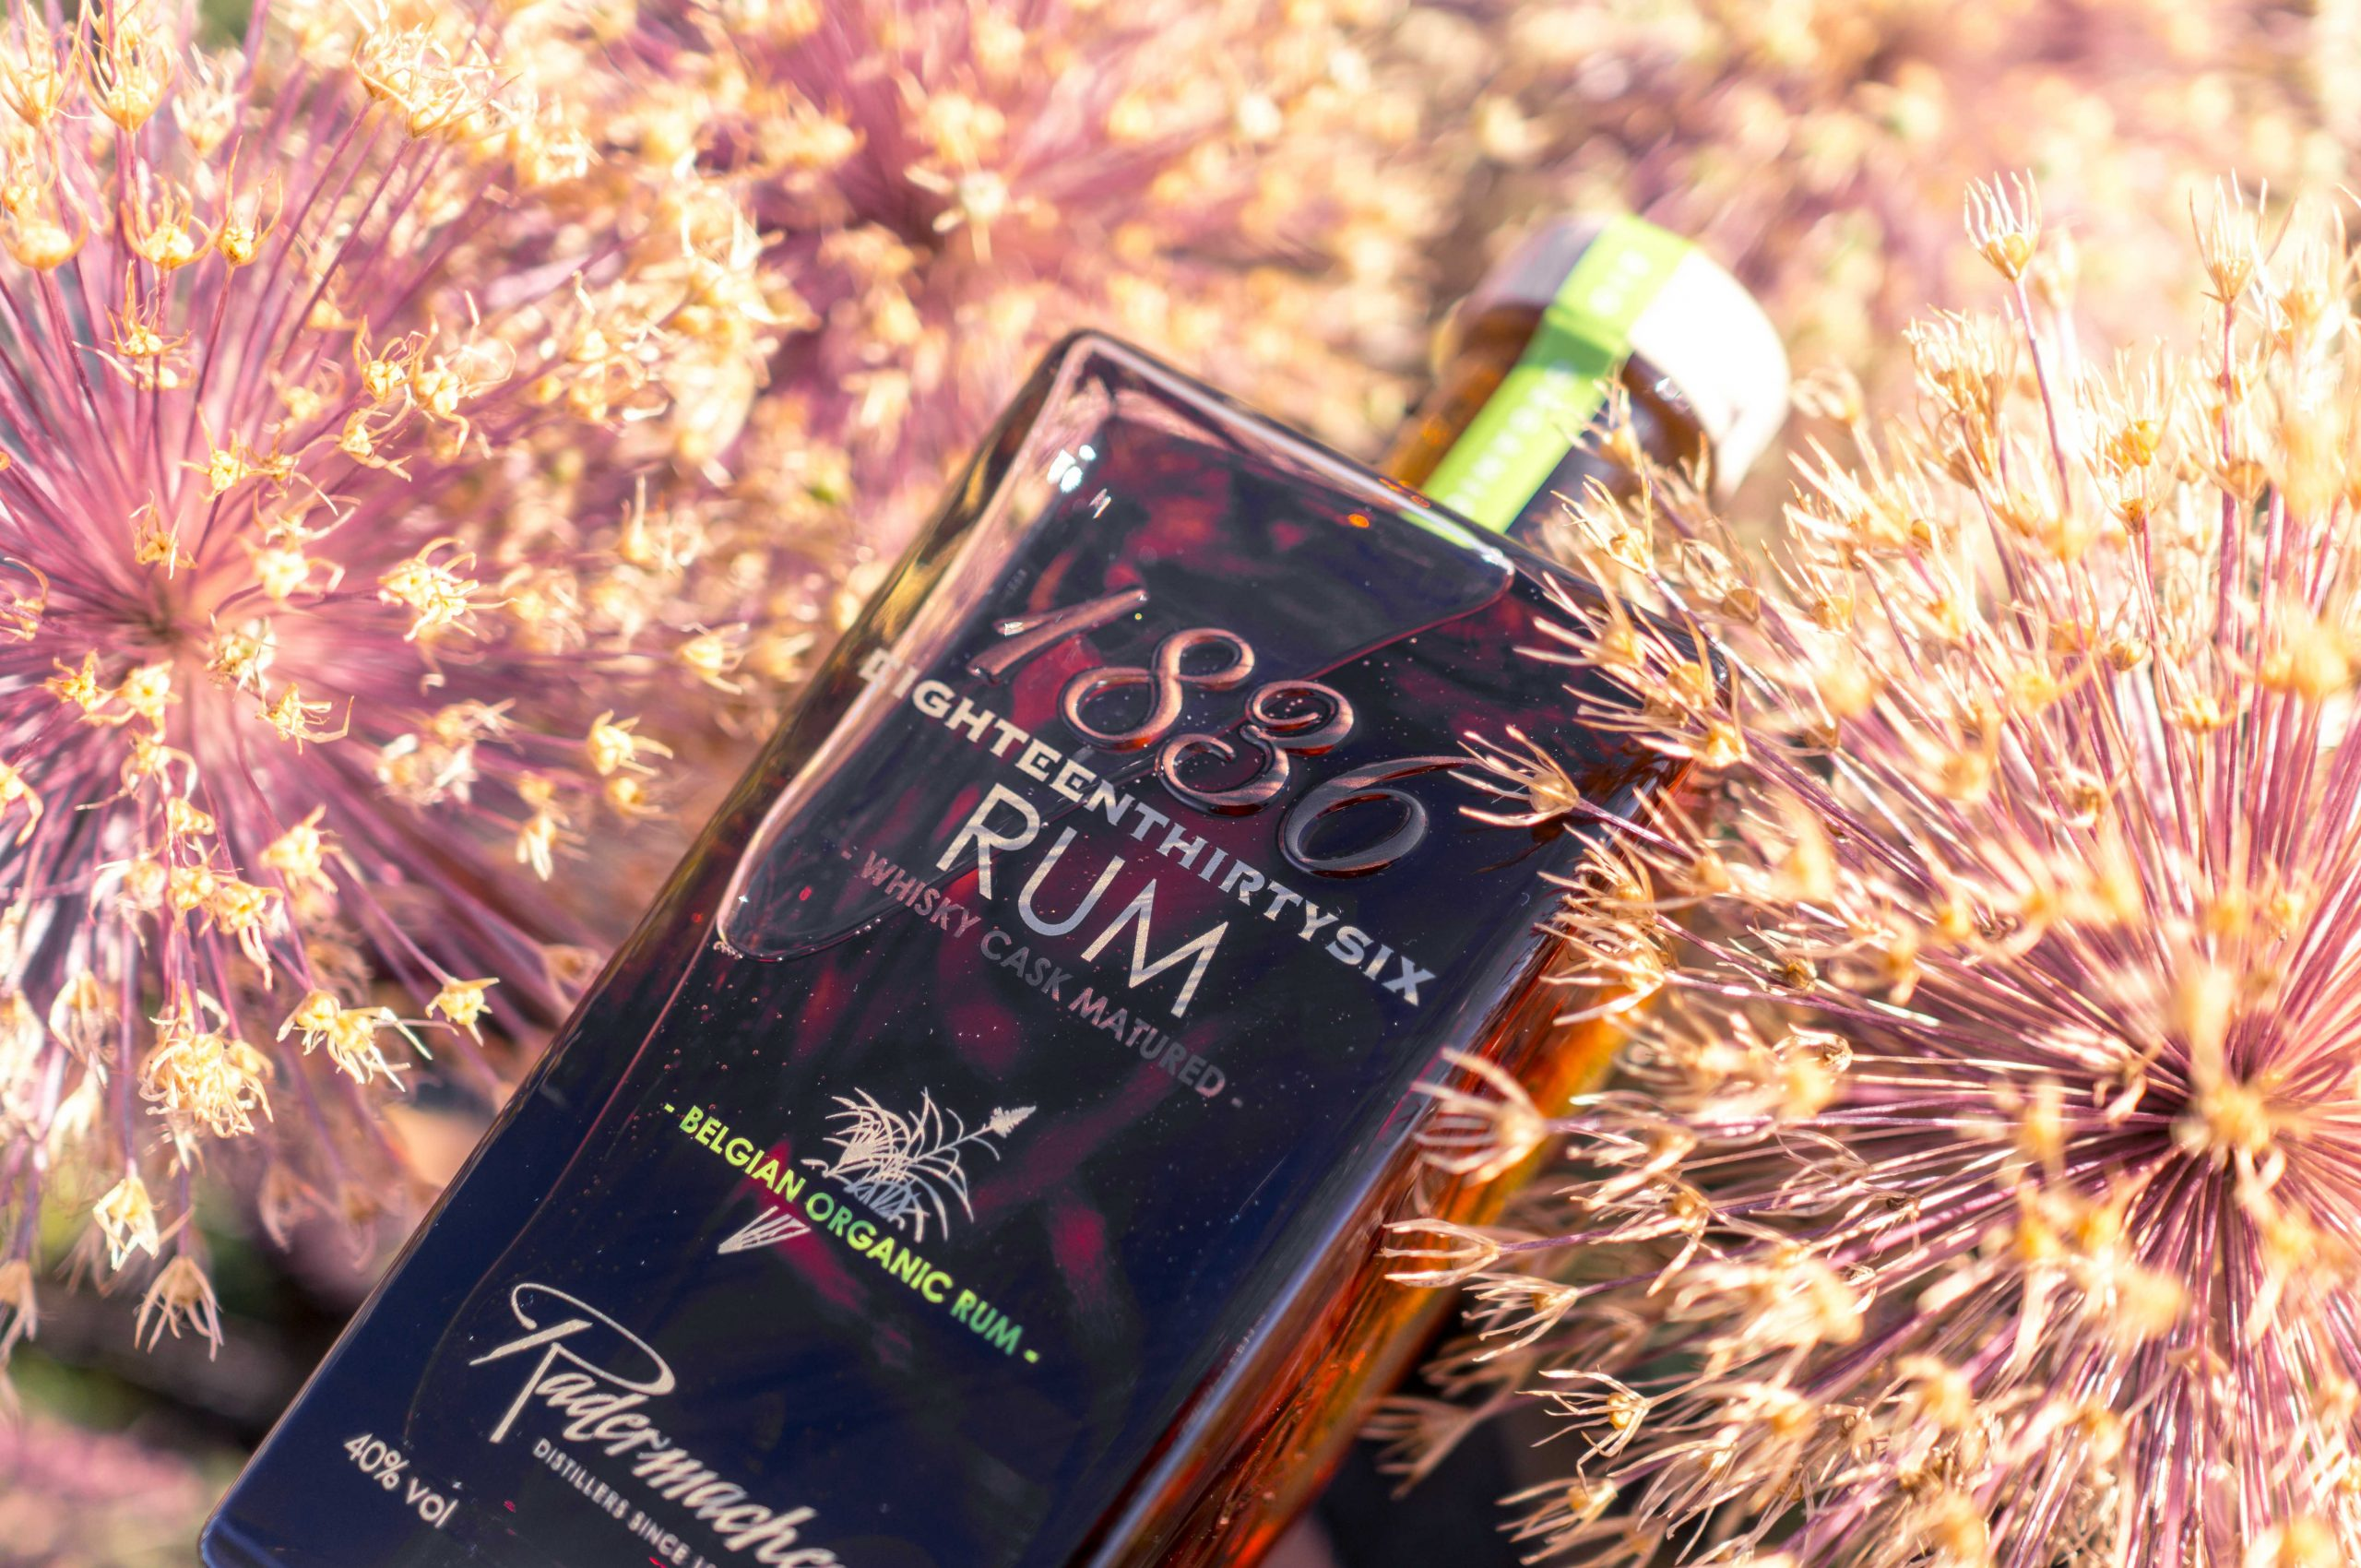 Distillerie Radermacher 1836 Rum